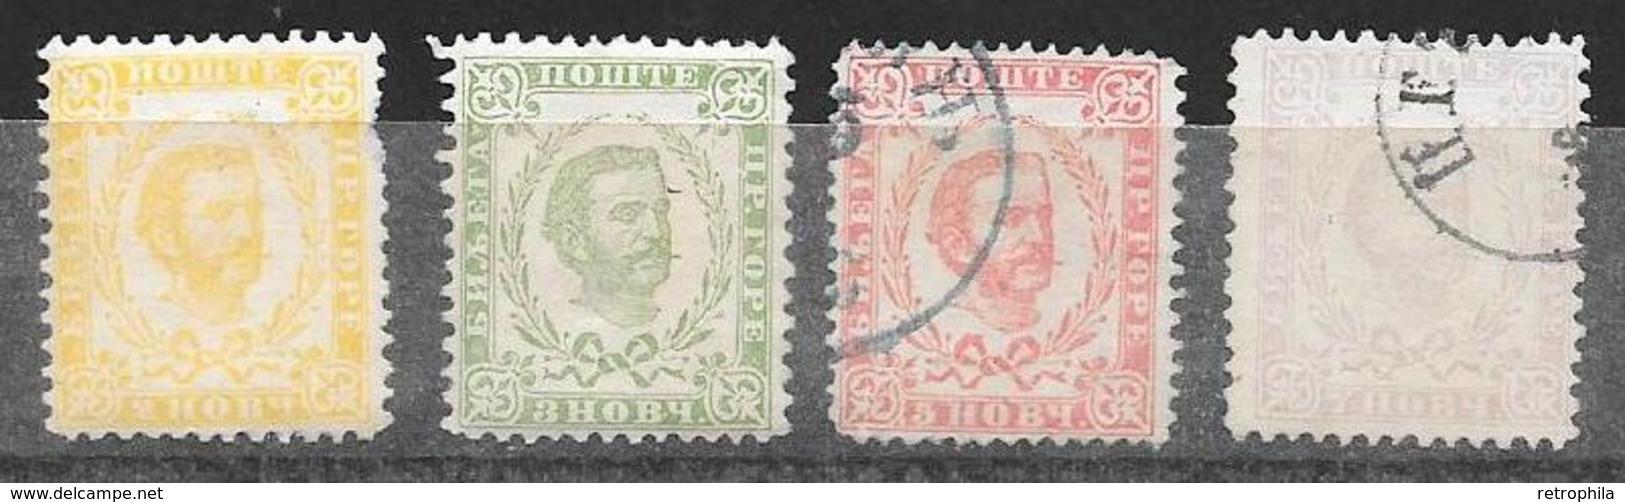 Monténégro - Yougoslavie - 1874 - 4 Timbres Oblitérés Et Neufs - Montenegro